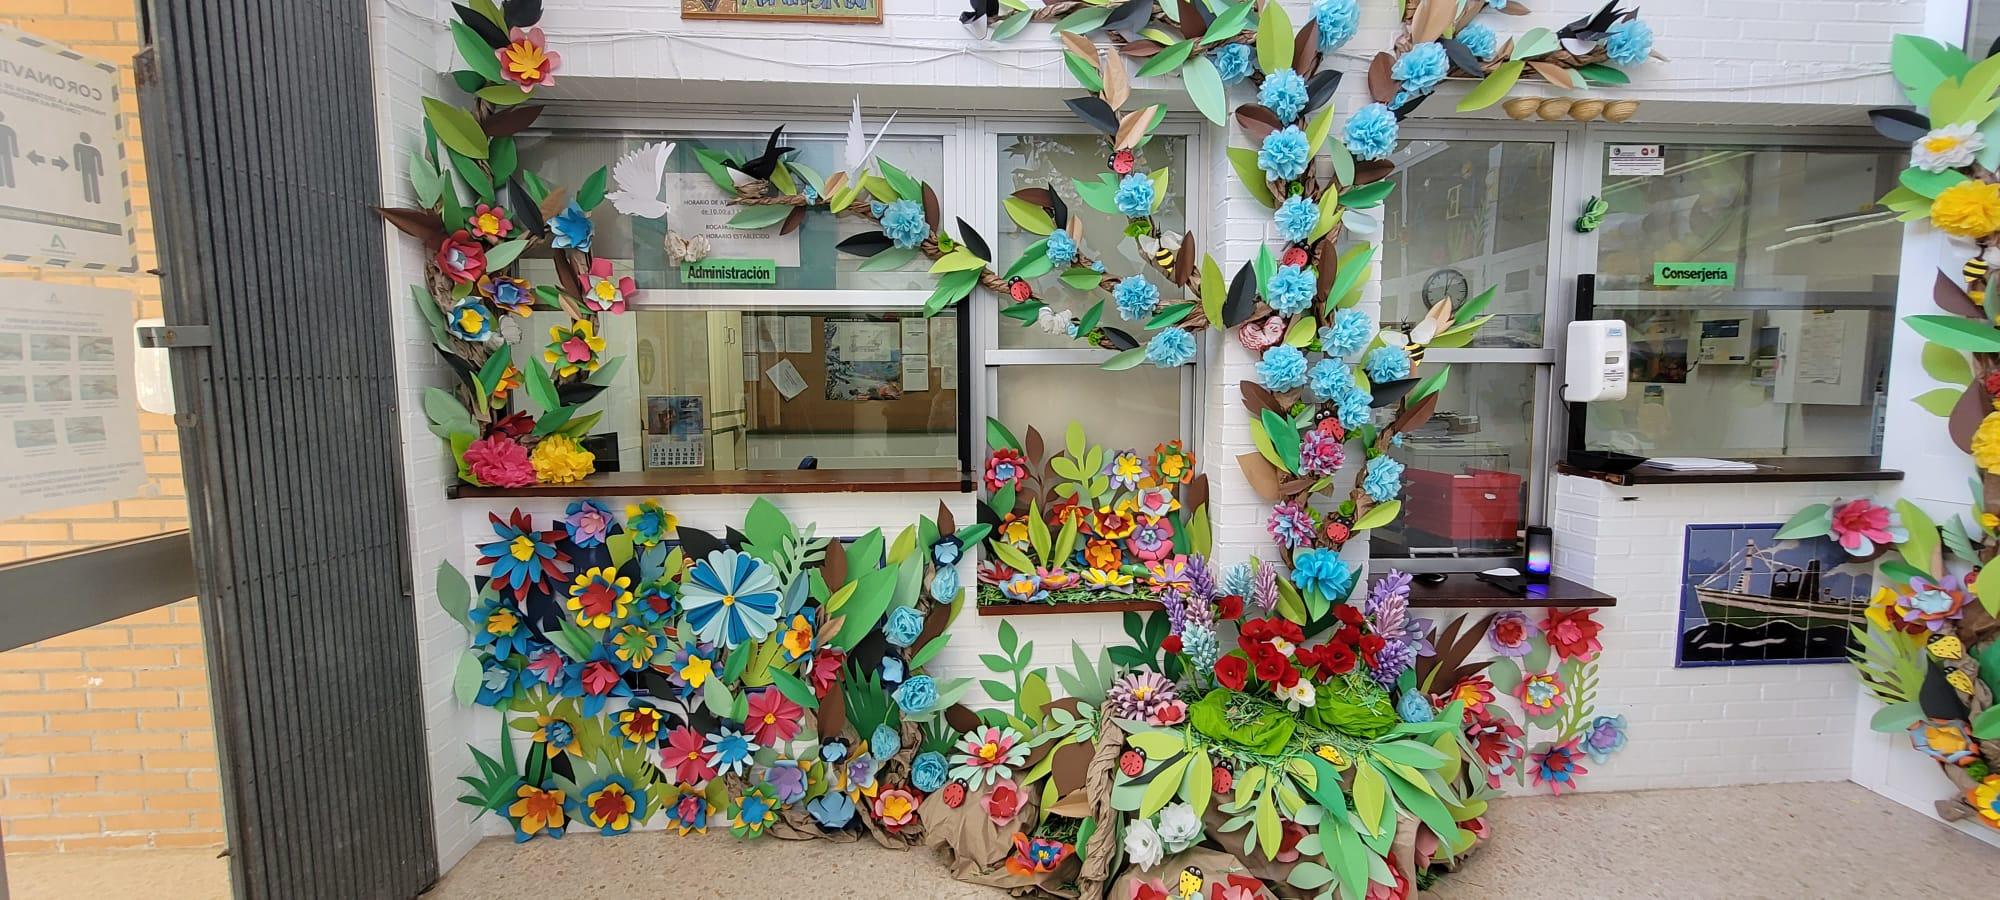 Los Centros Escolares isleños adornas sus fachadas para dar la bienvenida a la primavera